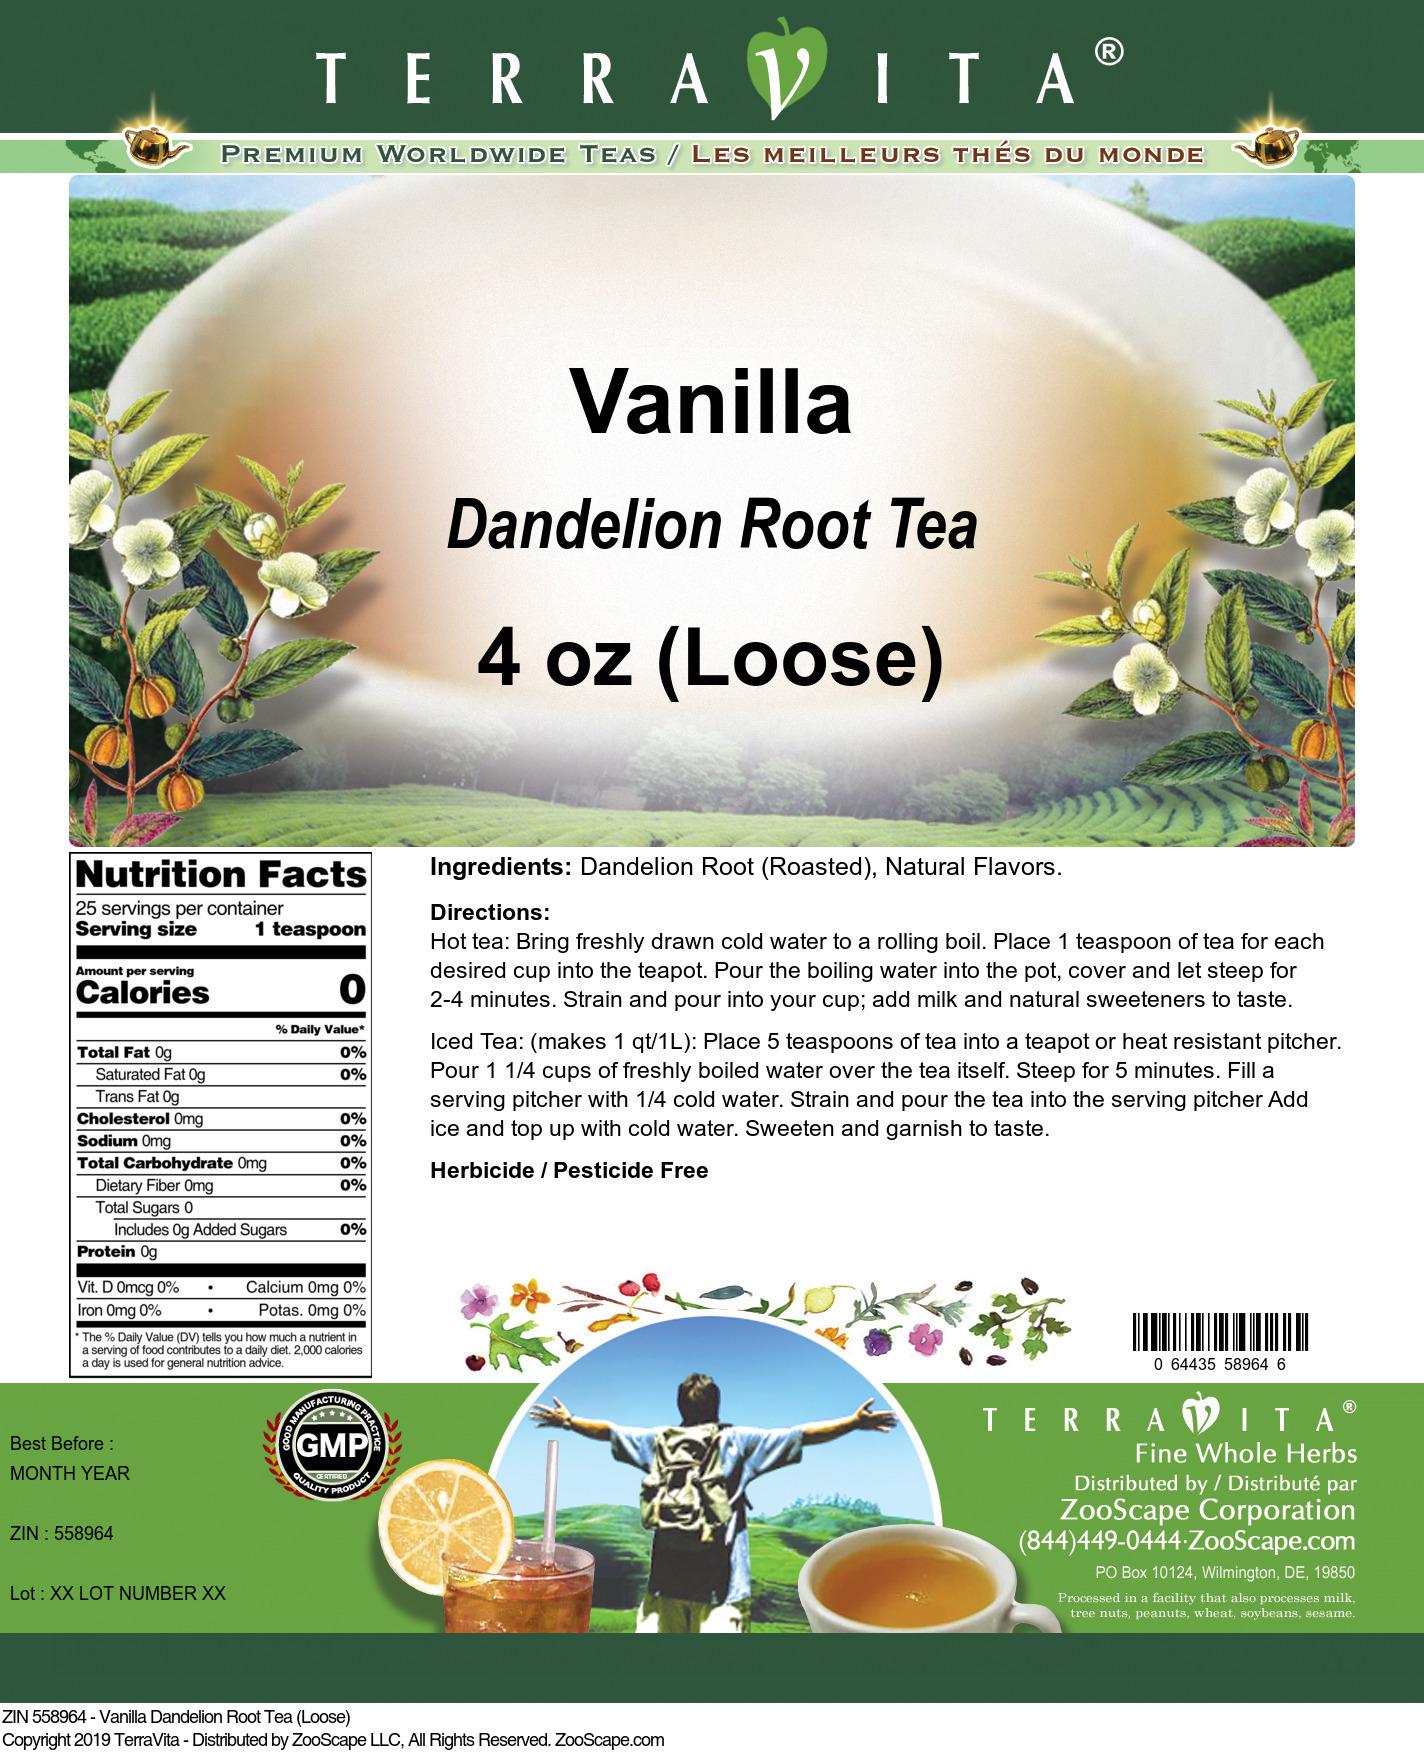 Vanilla Dandelion Root